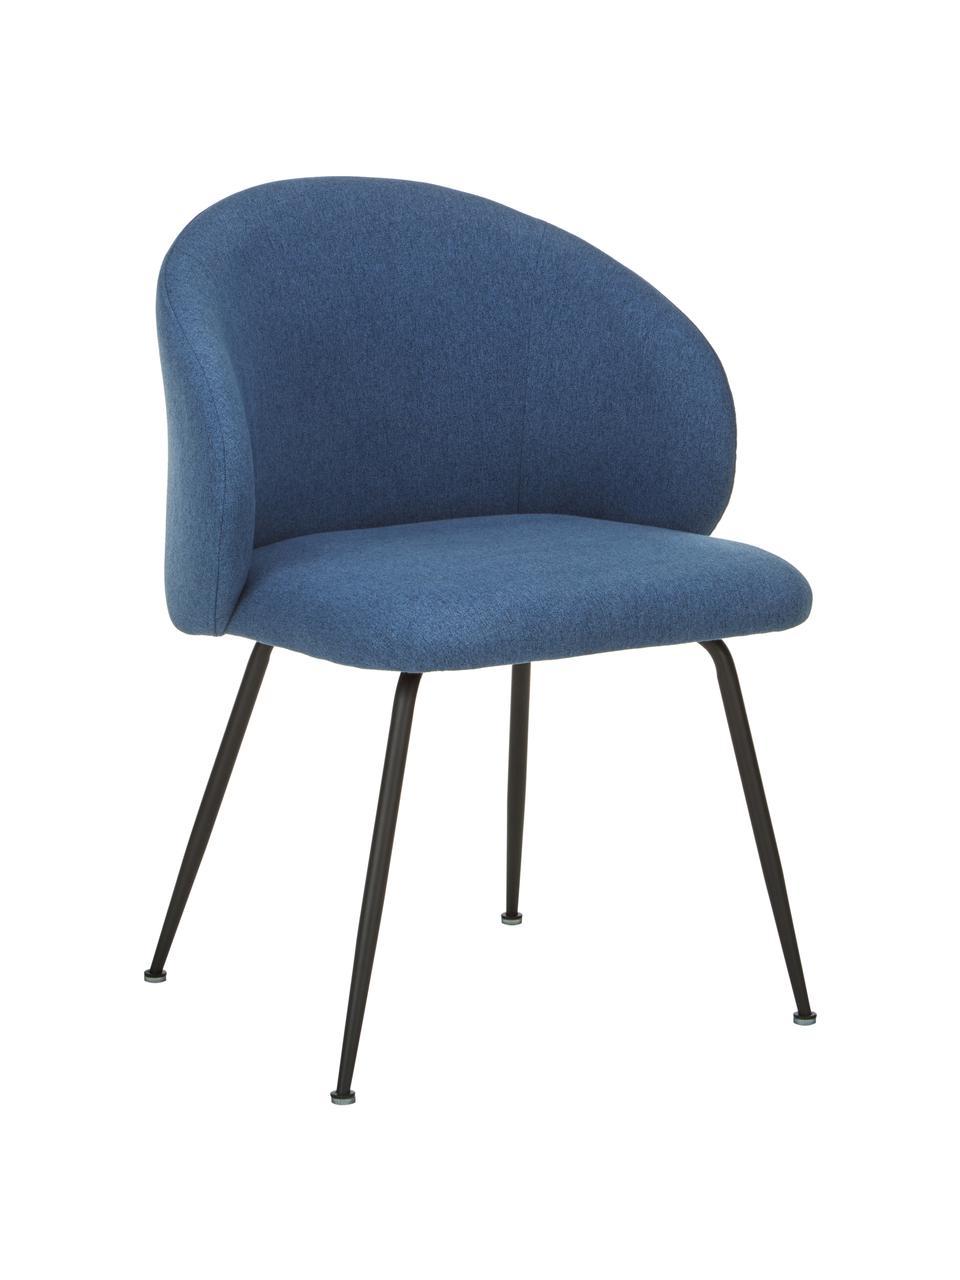 Chaise rembourrée Luisa, 2pièces, Tissu bleu, noir